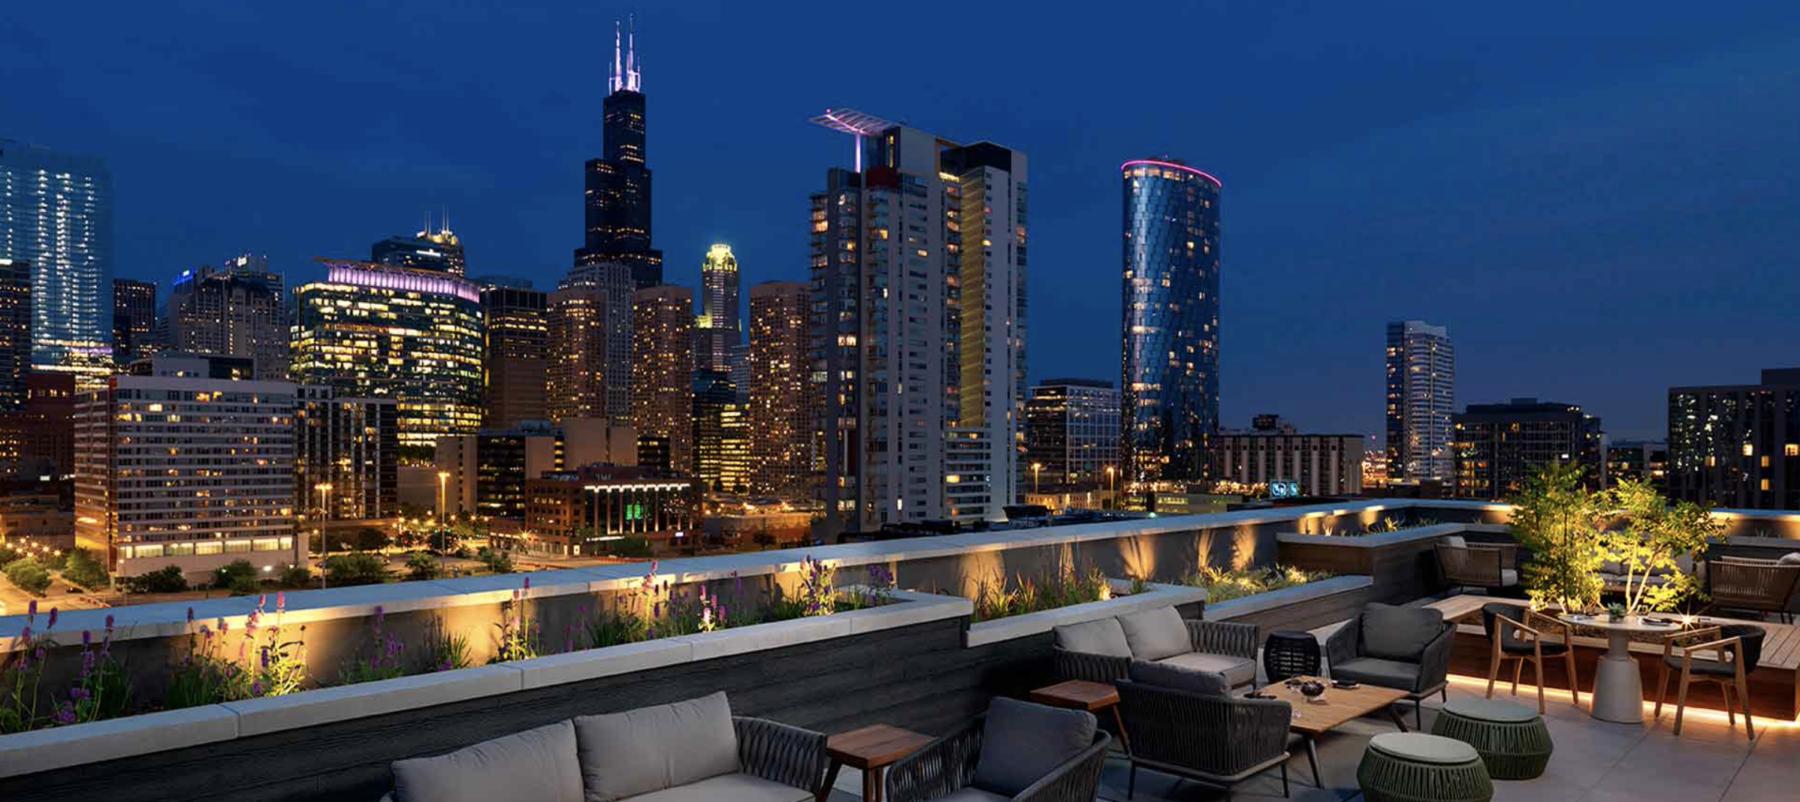 Chicago Meetings News: September 2020